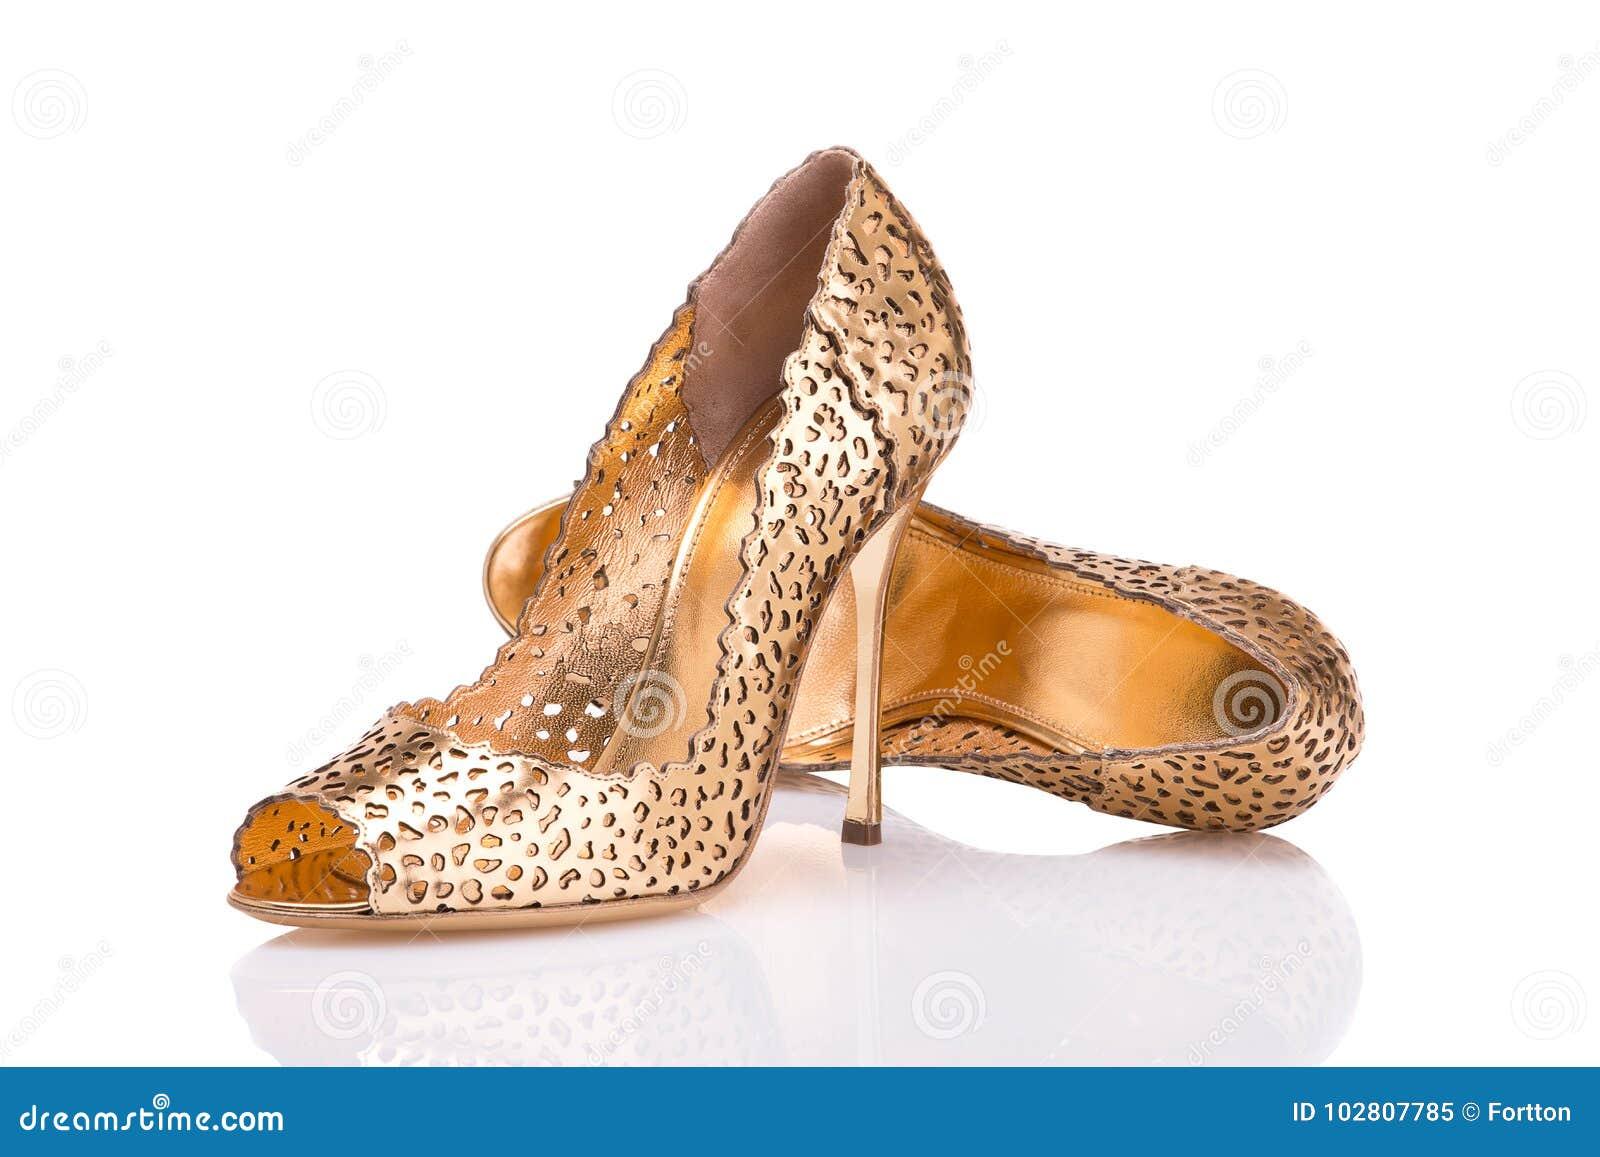 reputable site 6d384 93147 Chaussures en cuir d or élégant sur un fond blanc